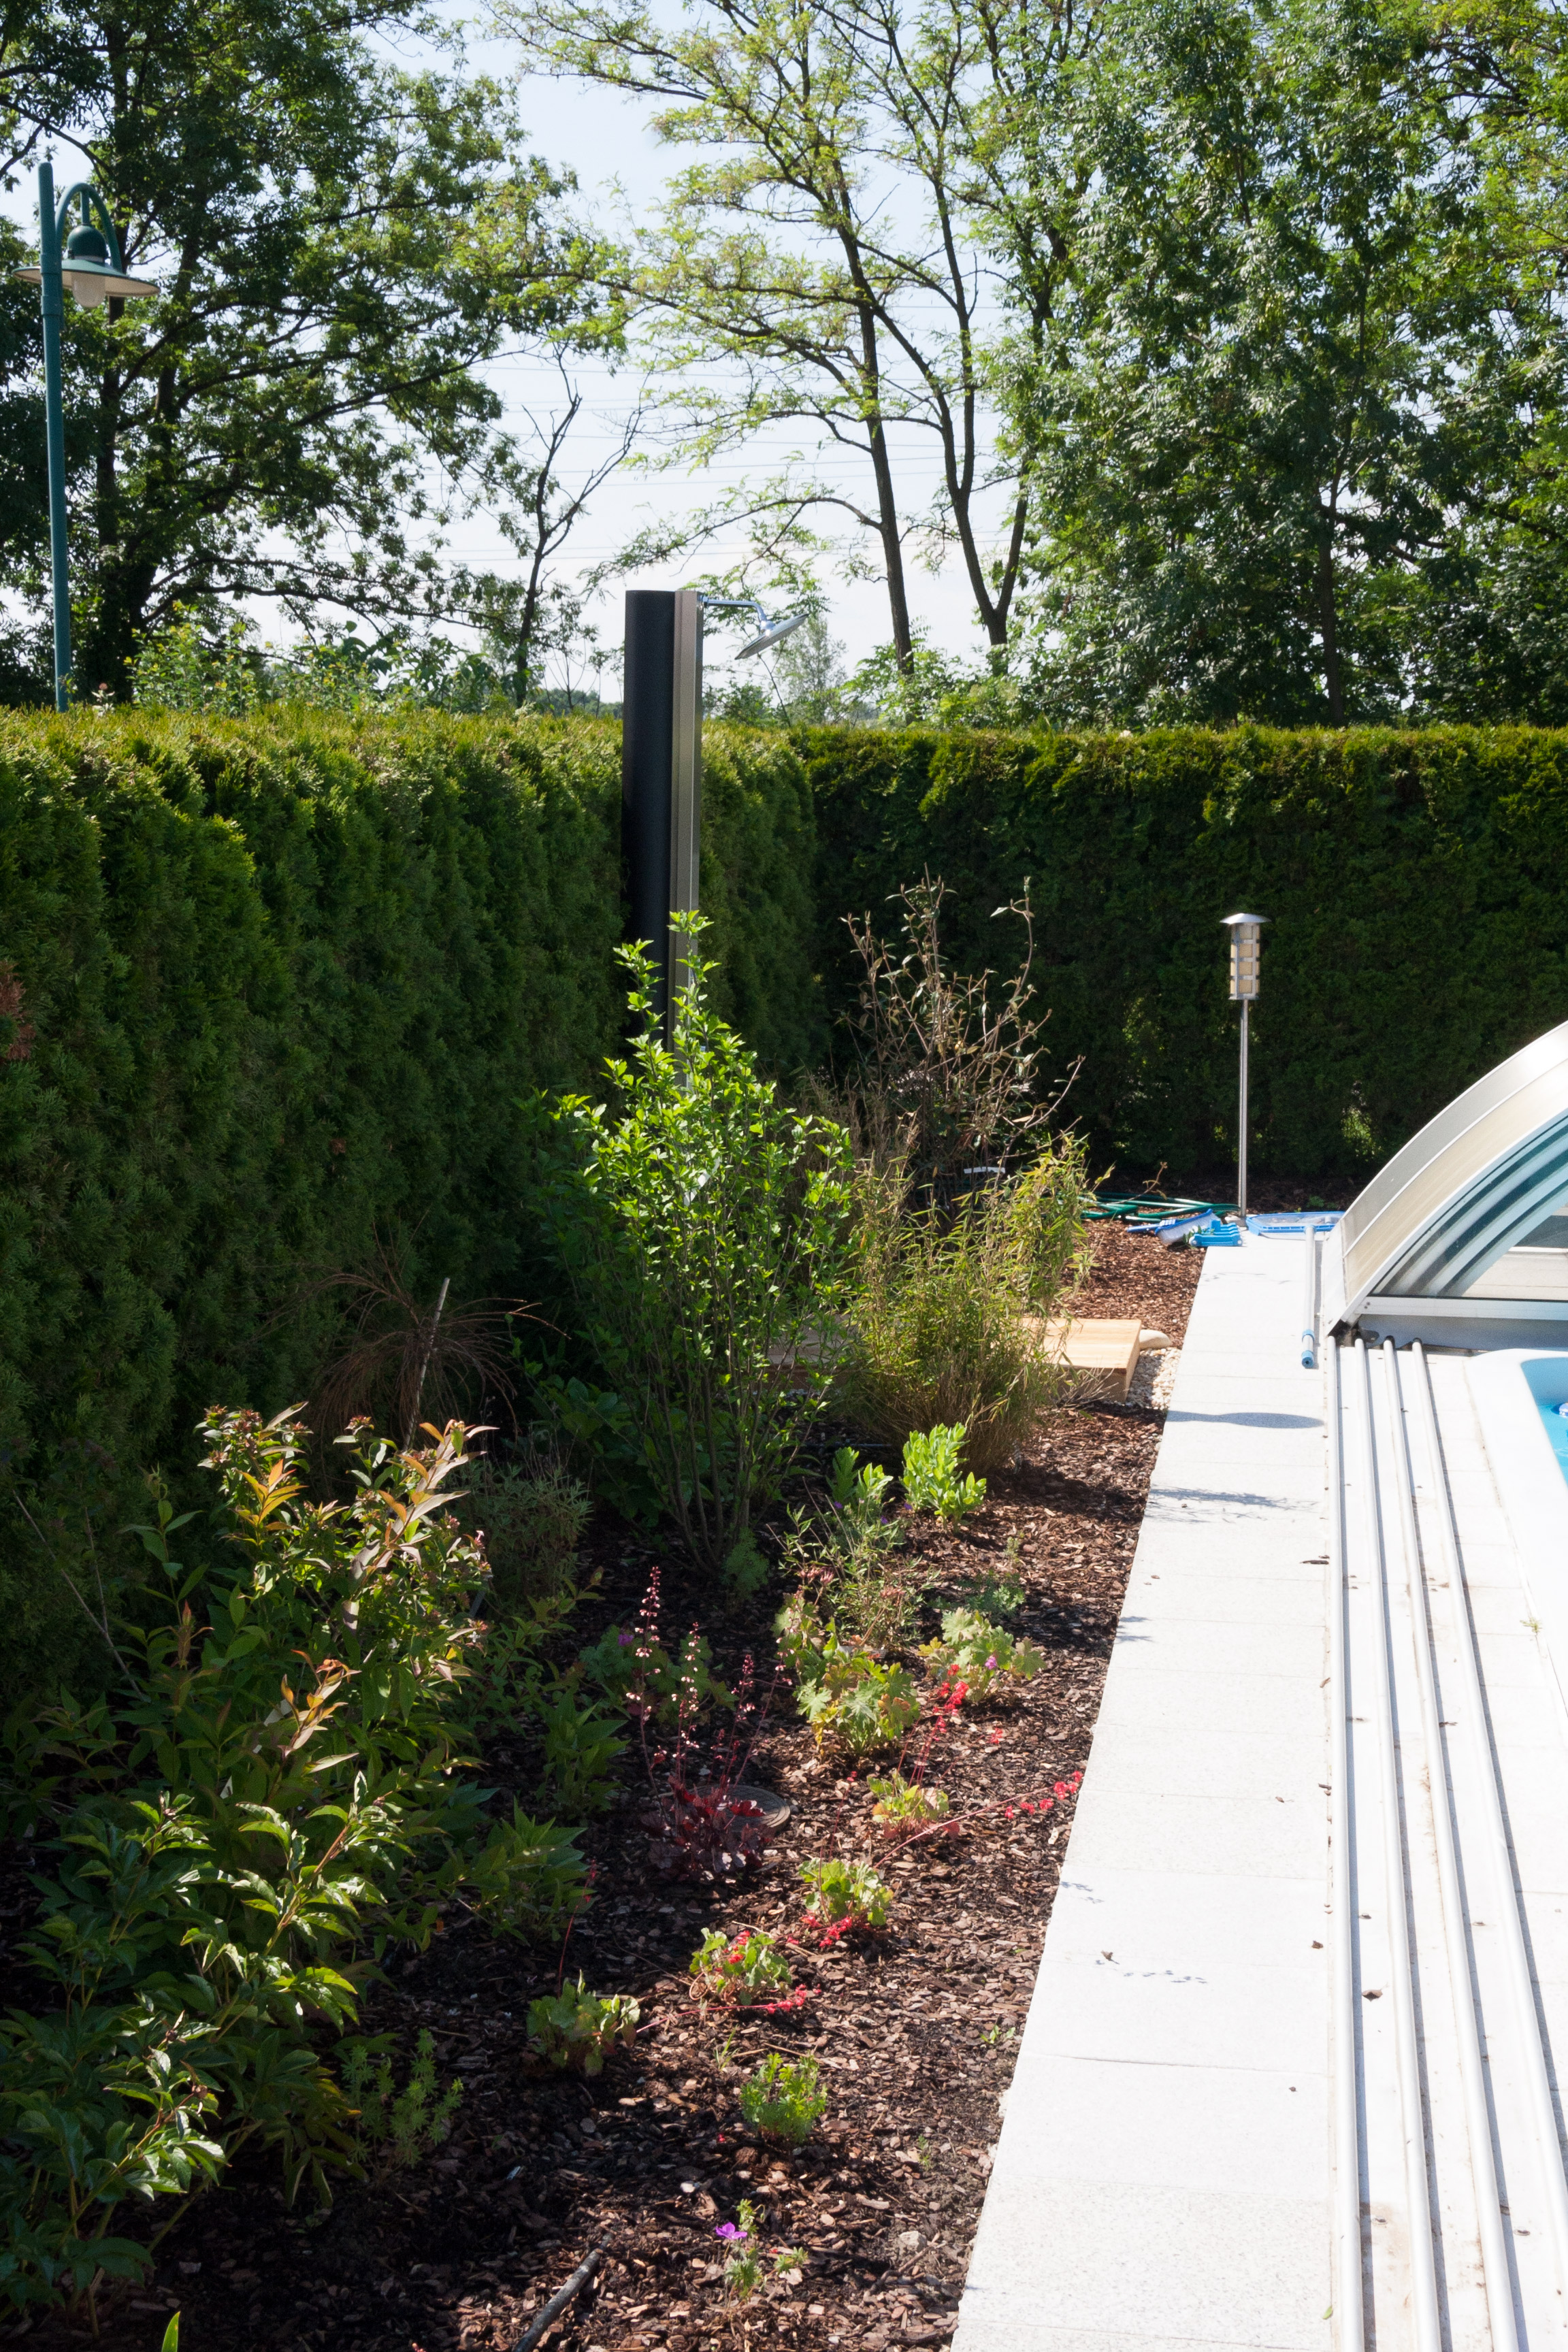 Begrünung zwischen Pool und Hecke